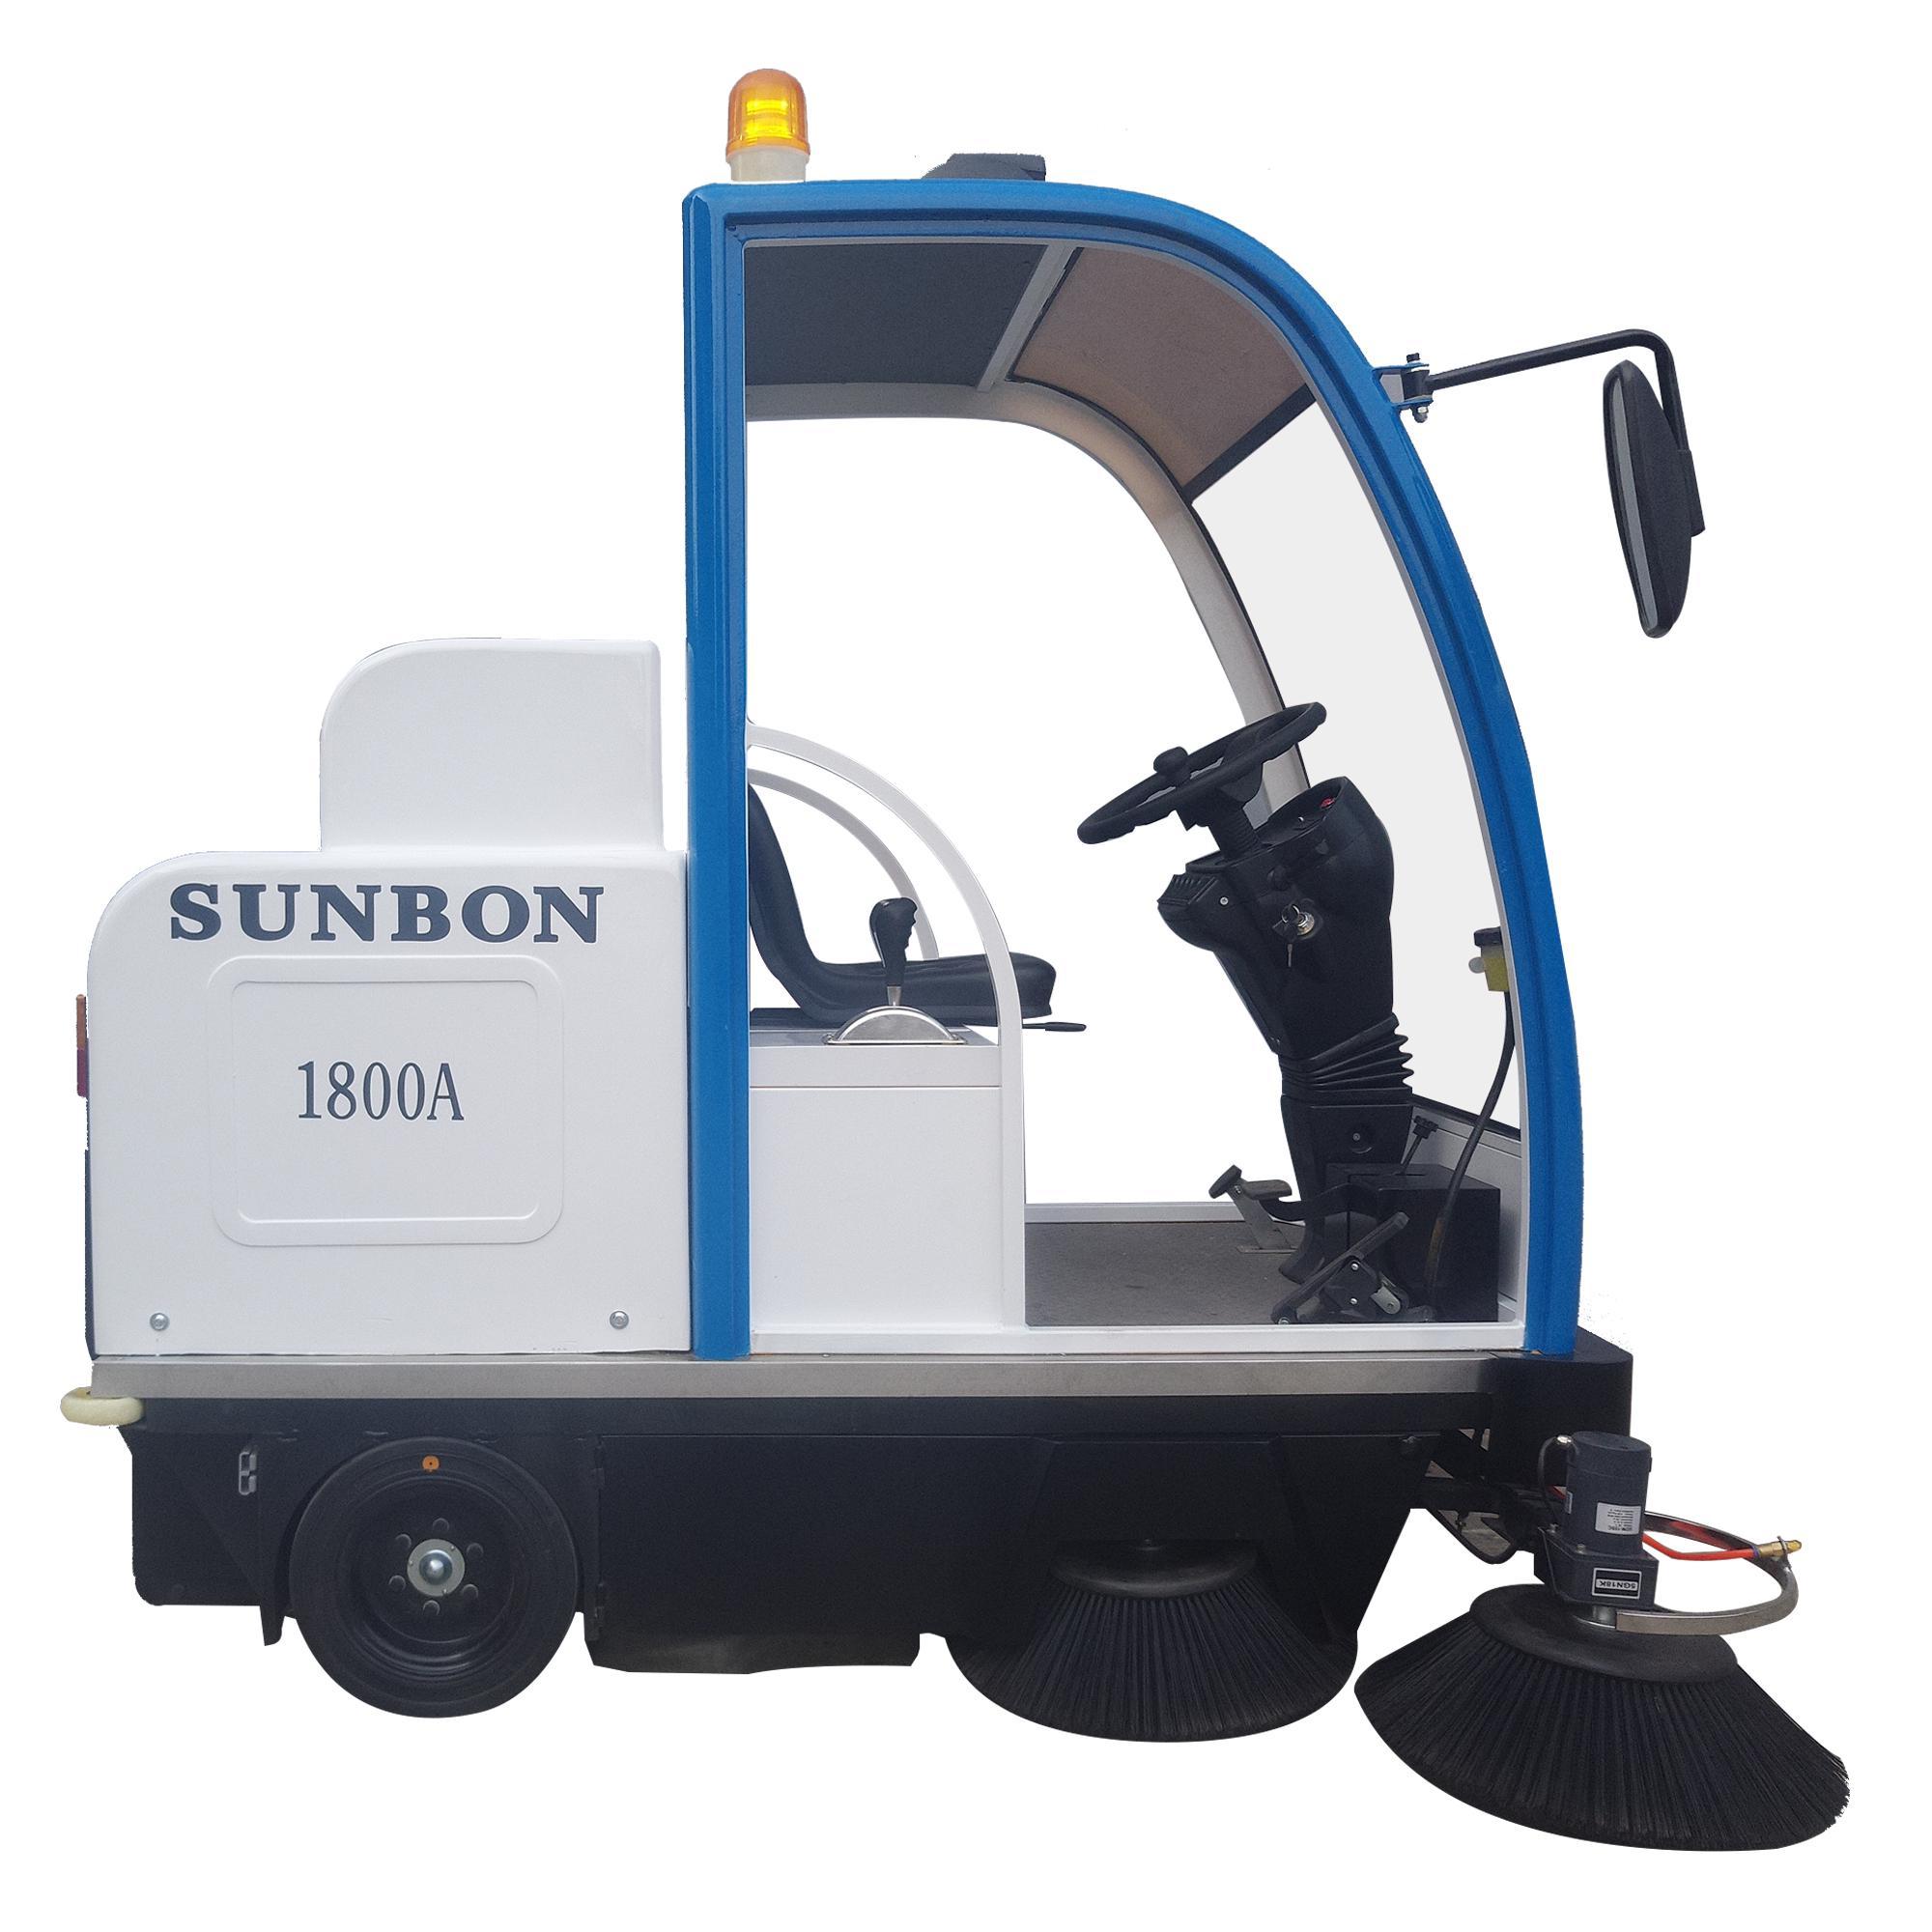 圣倍诺电动扫地机驾驶式-1800A